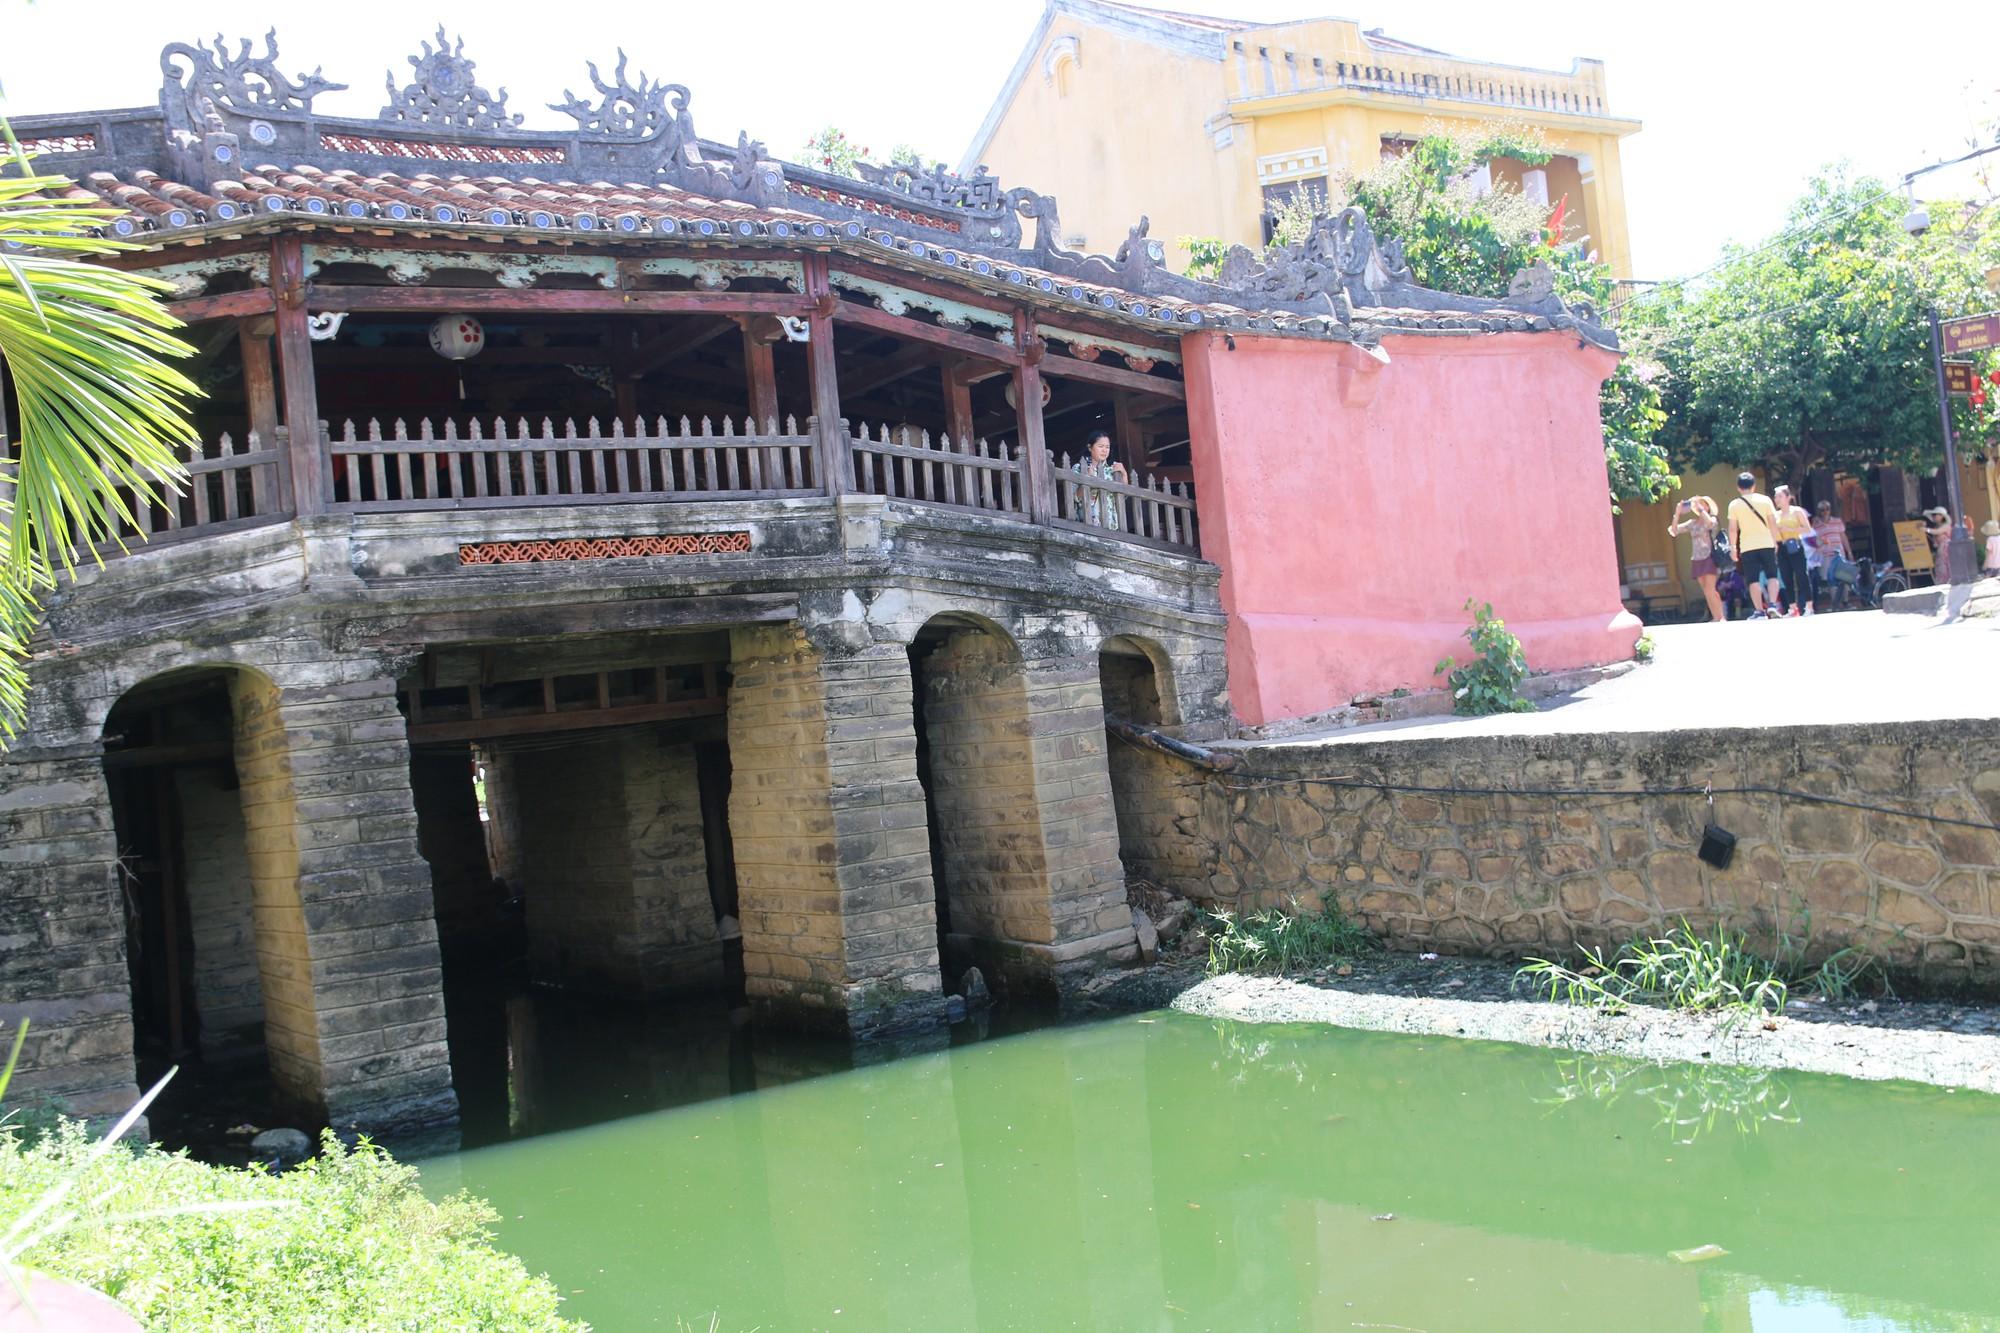 Khách du lịch nín thở vì nước thải, ô nhiễm ở Chùa Cầu Hội An - Ảnh 1.